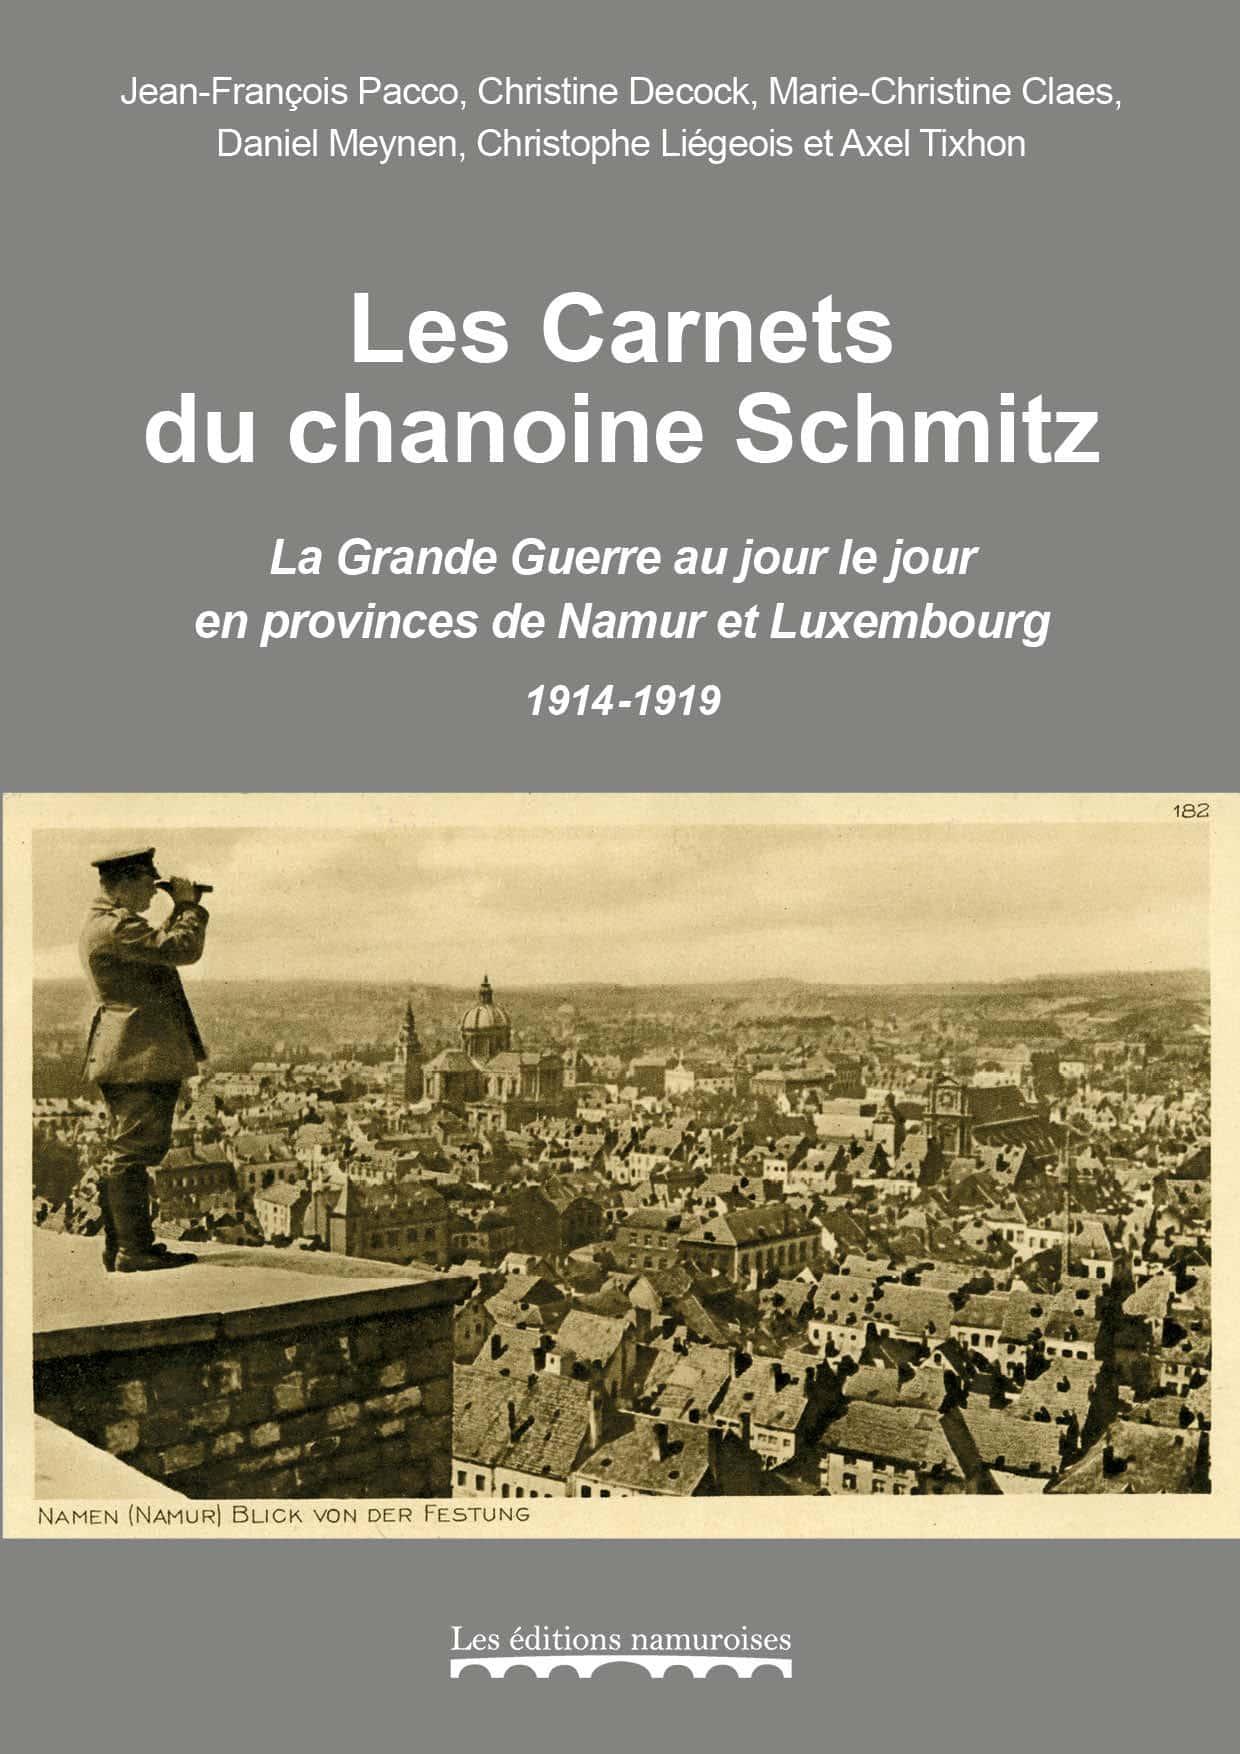 recto fourreau contenant deux livres sur chamoine Schmitz